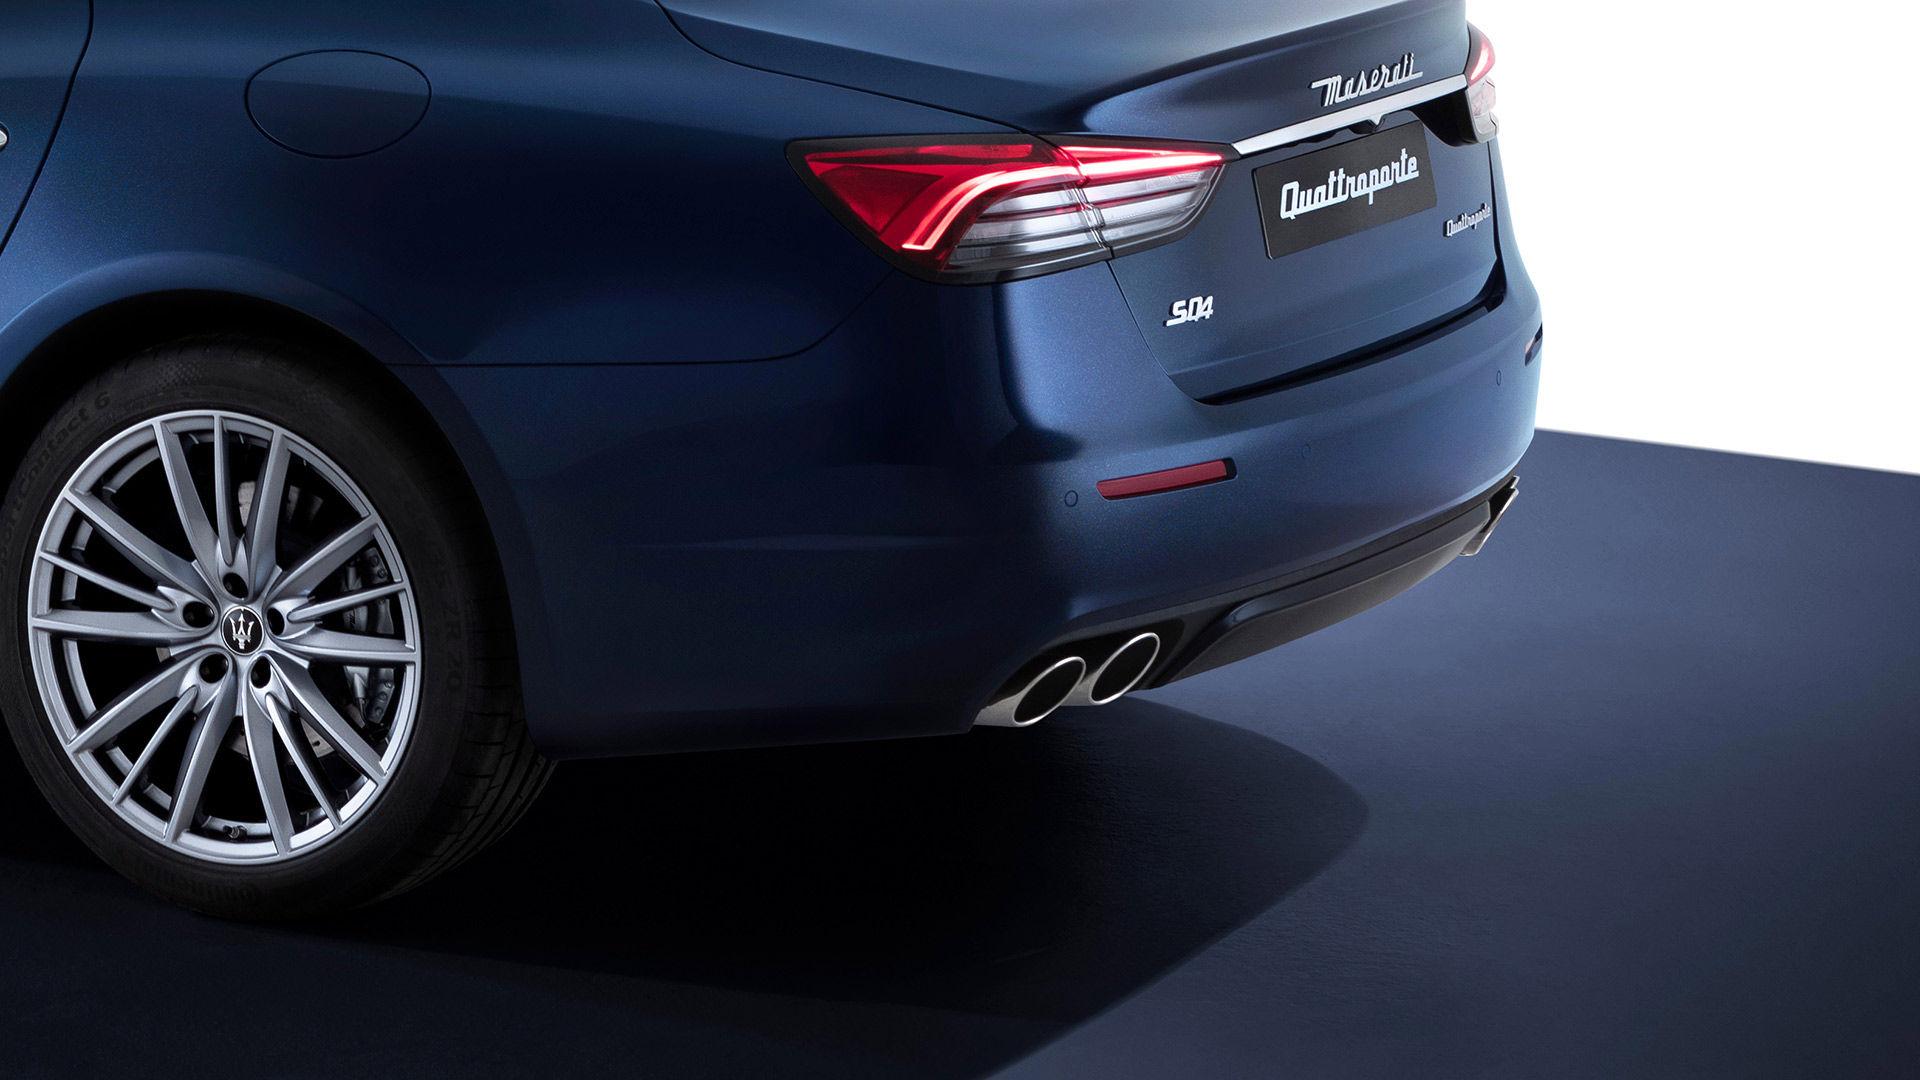 Maserati Quattroporte - Heckansicht von der Seite